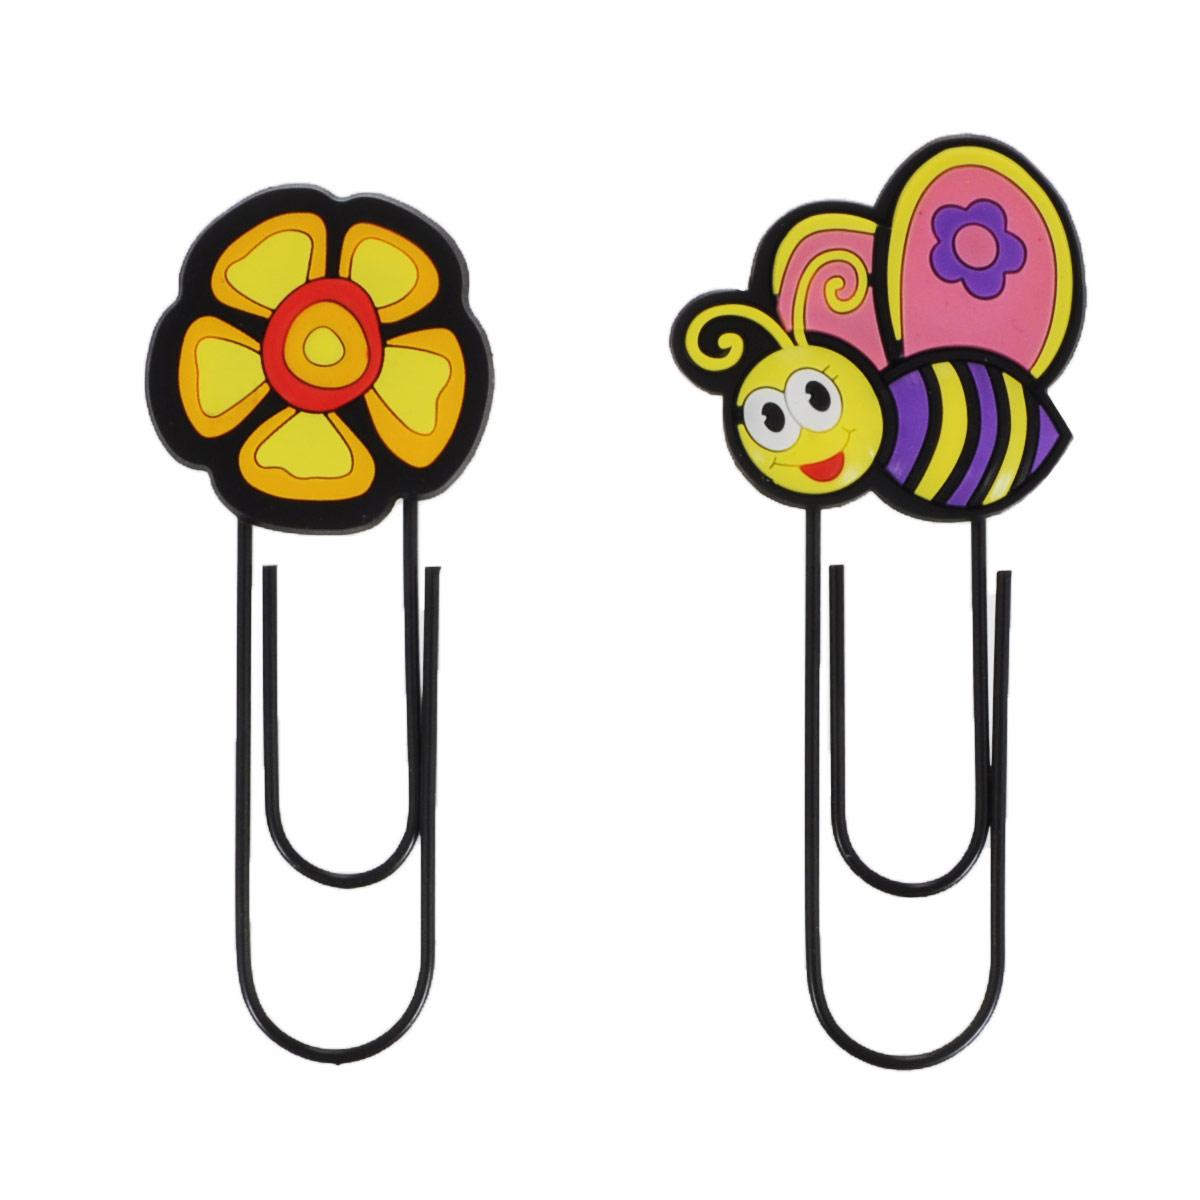 Набор скрепок-закладок Fancy Пчелка, цветок, 2 шт.C15414/ FMB1125_пчелка/цветокОригинальная закладка для книг и учебников в виде большой скрепки, украшенной забавной фигуркой, обязательно понравится вашему ребенку и не даст ему забыть, на какой странице книги он остановился. Такая закладка всегда поможет быстро найти нужную страницу и подарит хорошее настроение. В набор входят две скрепки-закладки, украшенные фигурками пчелки и цветка.